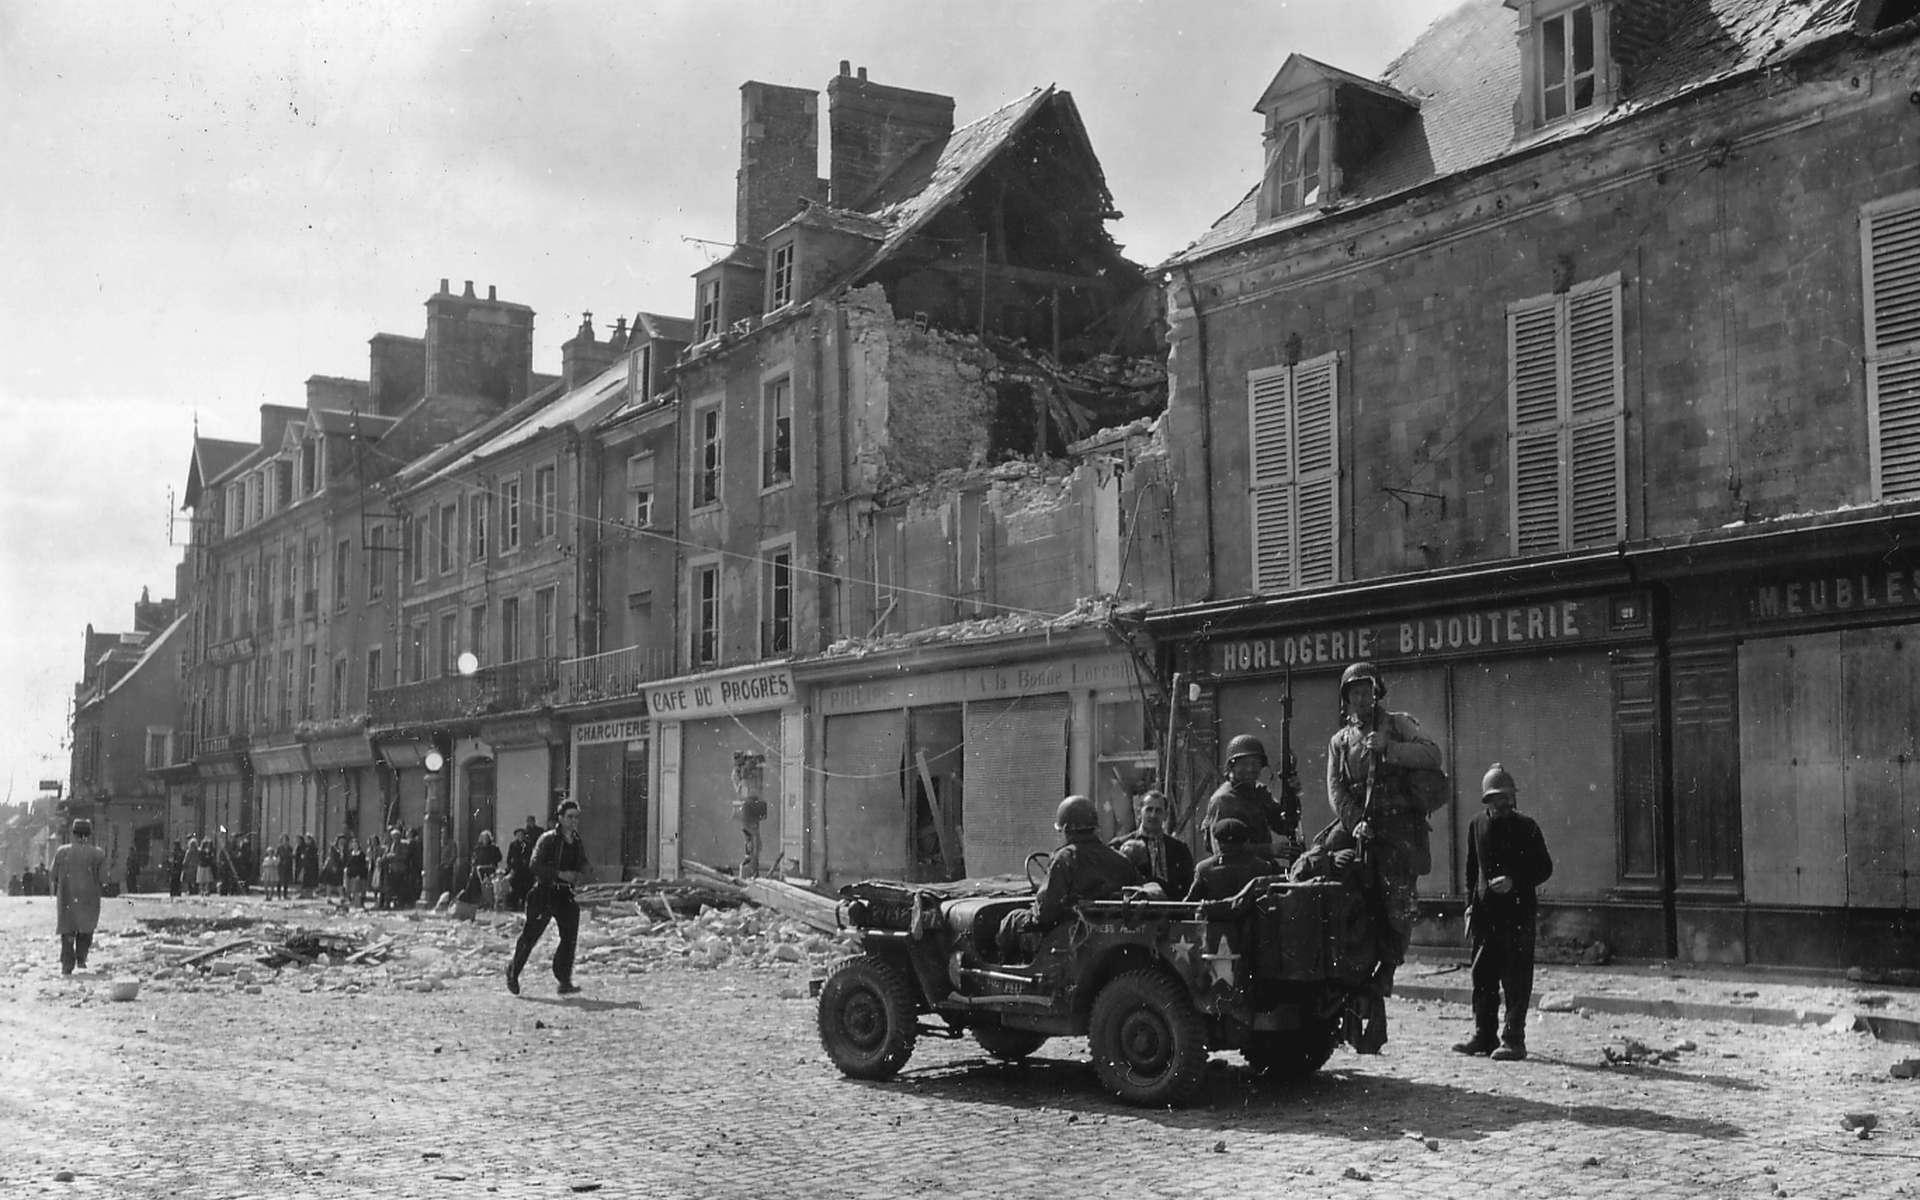 Trois soldats américains, place de la République à Carentan, Normandie. © Conseil Régional de Basse-Normandie/National Archives USA